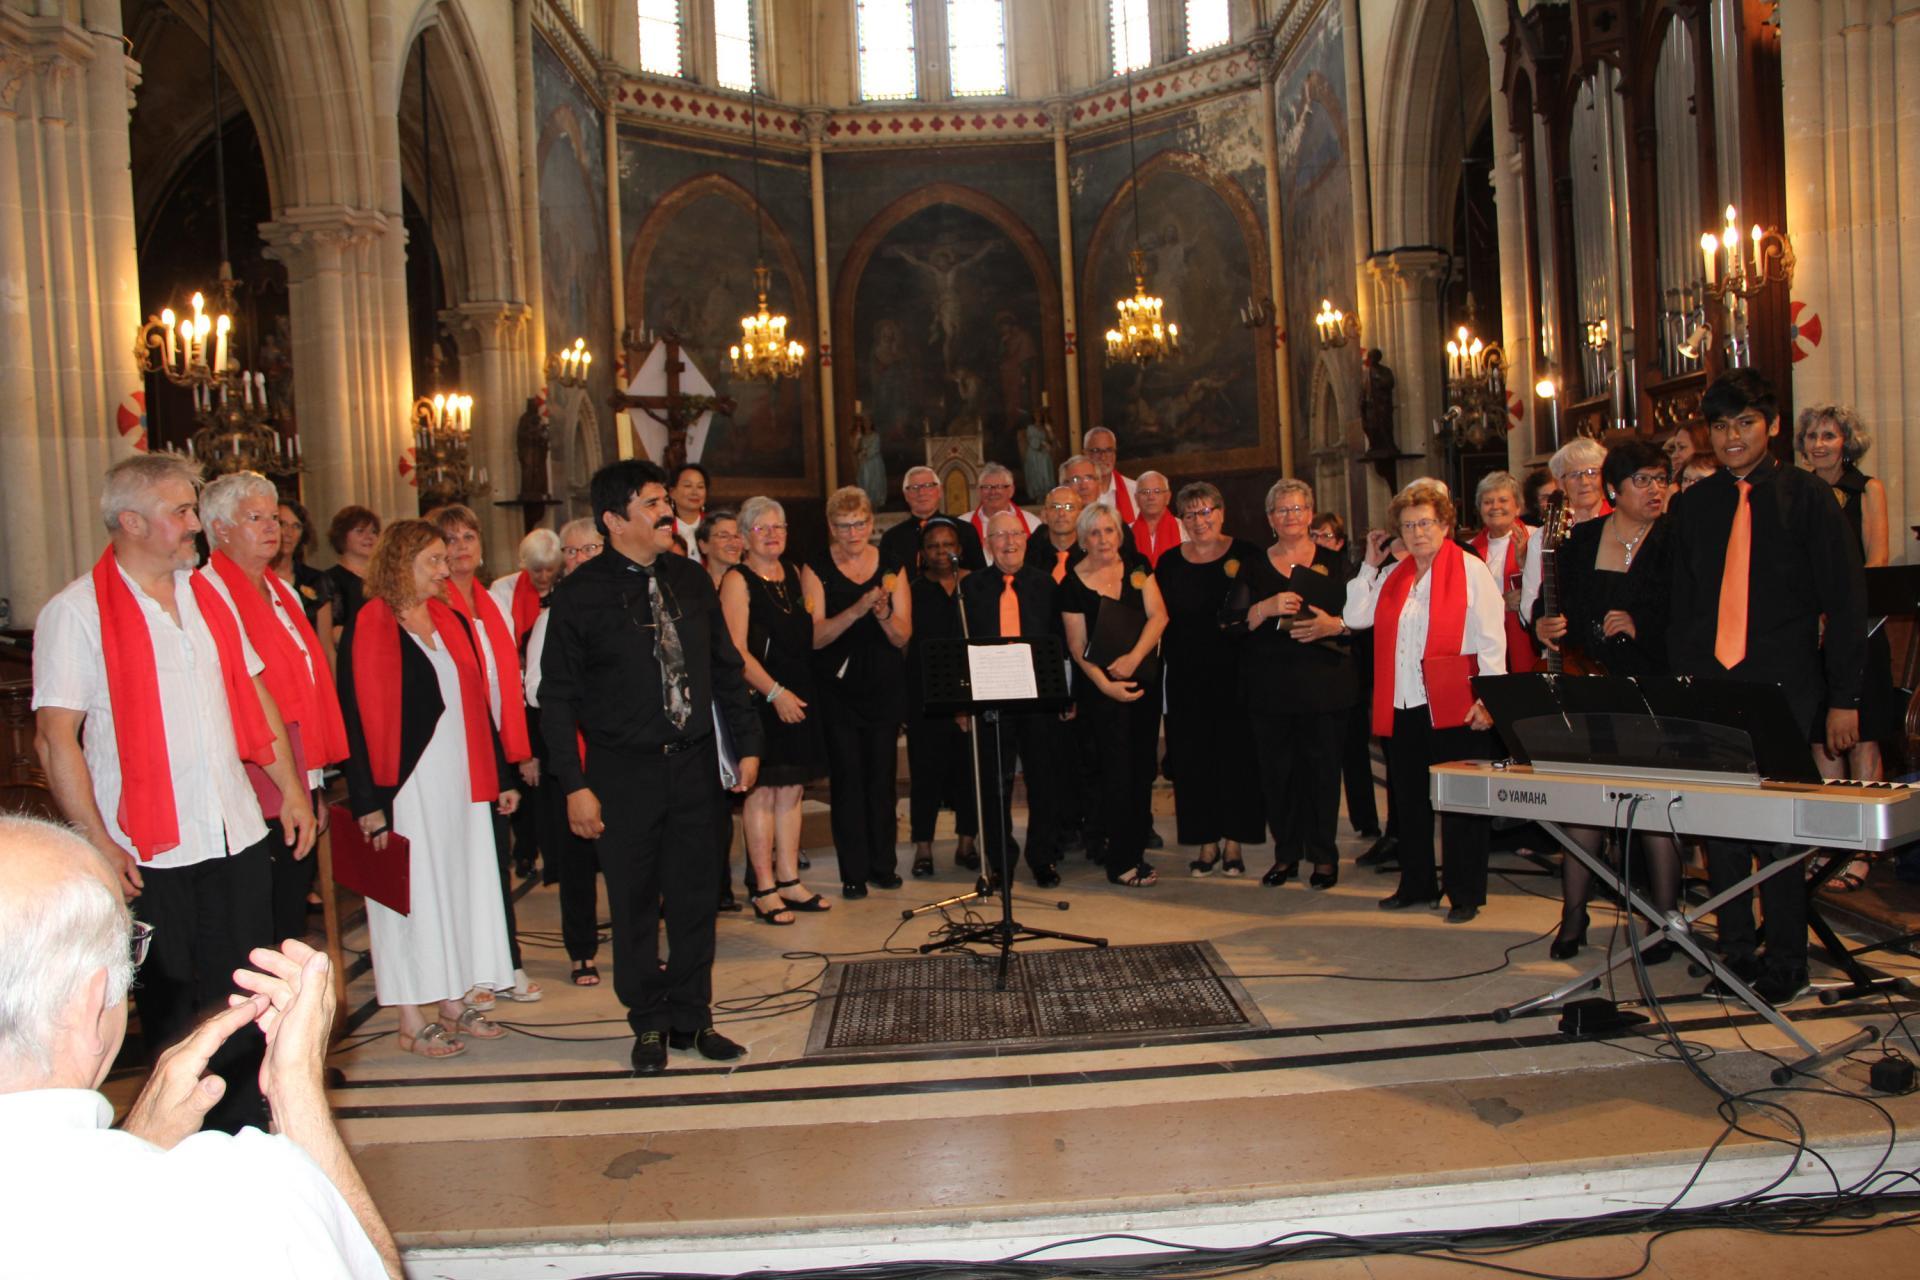 Concert en l'église Saint-Louis du 24 juin 2018